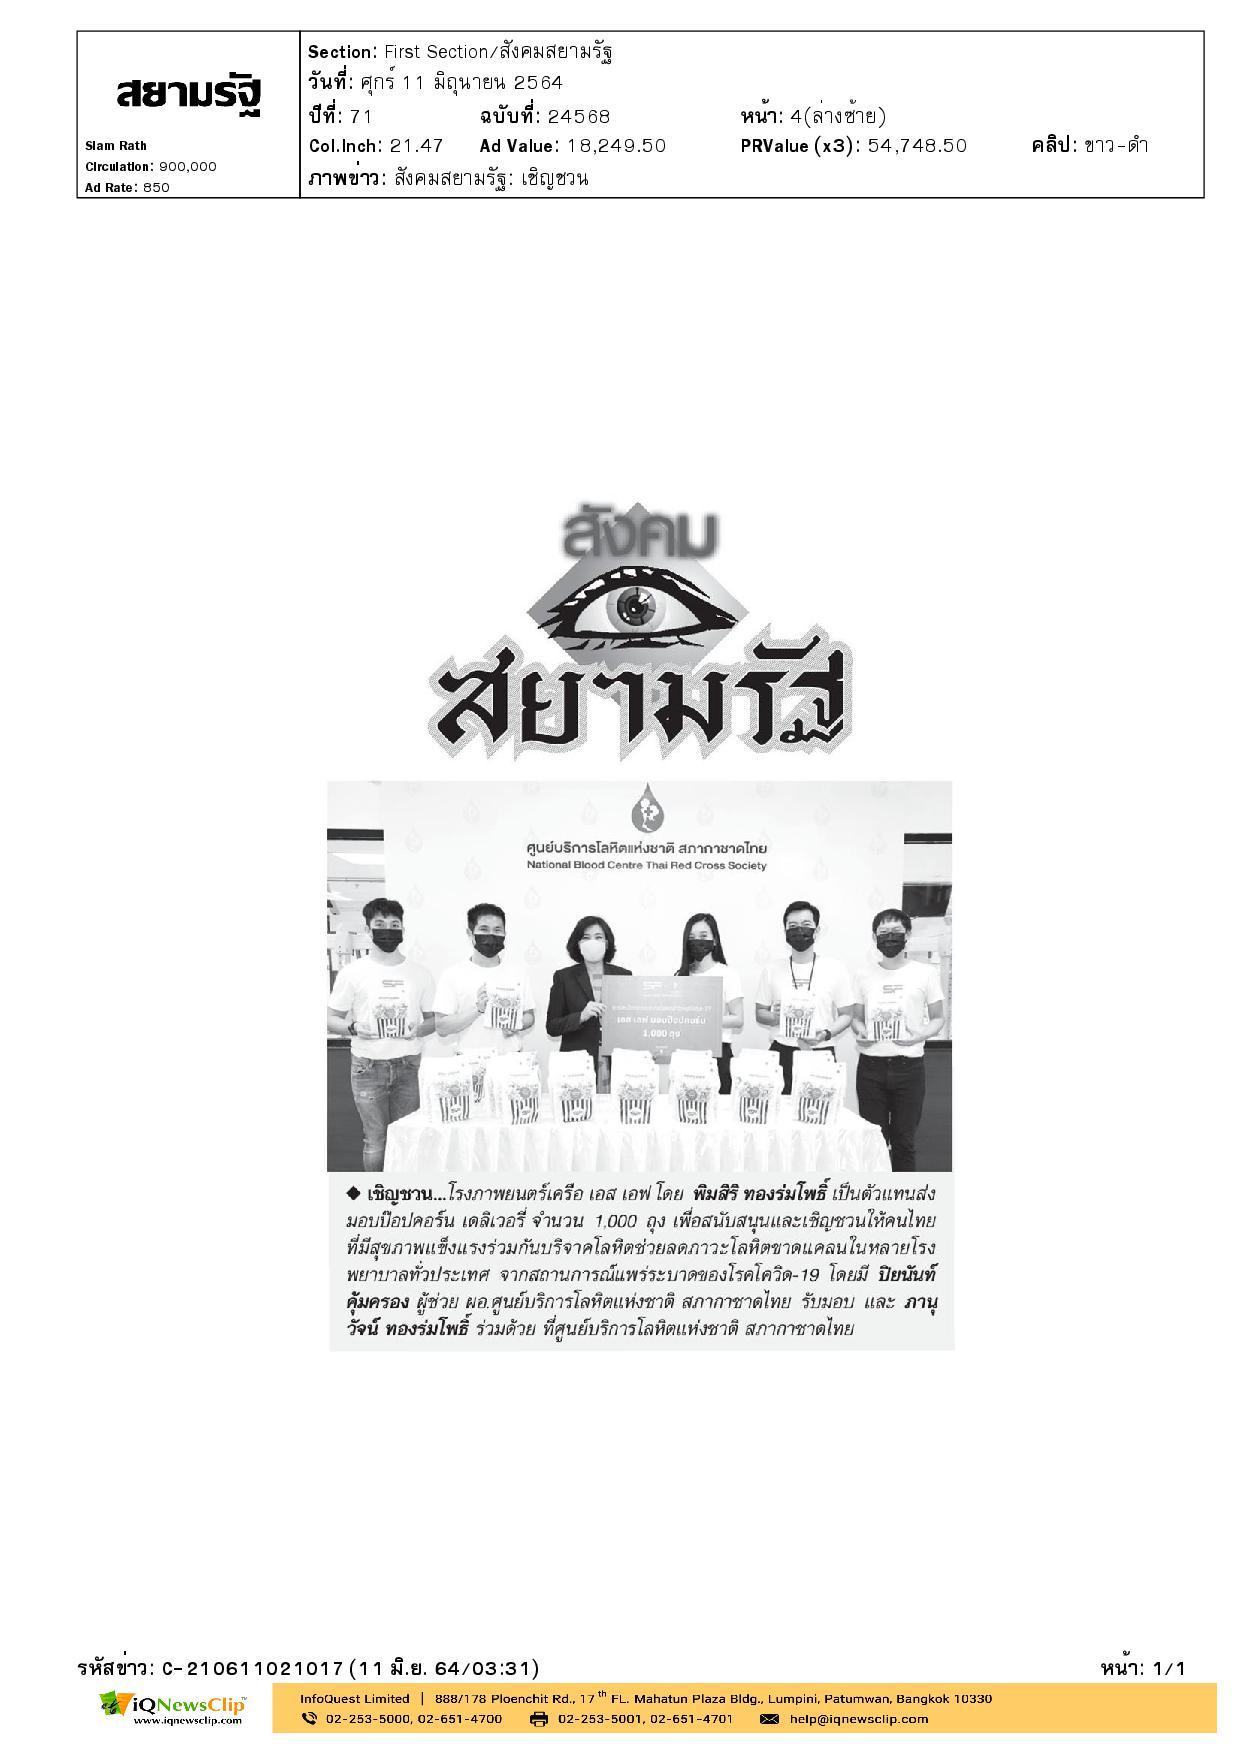 โรงภาพยนตร์เครือ เอส เอฟ มอบป็อบคอร์นสนับสนุนและเชิญชวนคนไทยร่วมบริจาคโลหิต